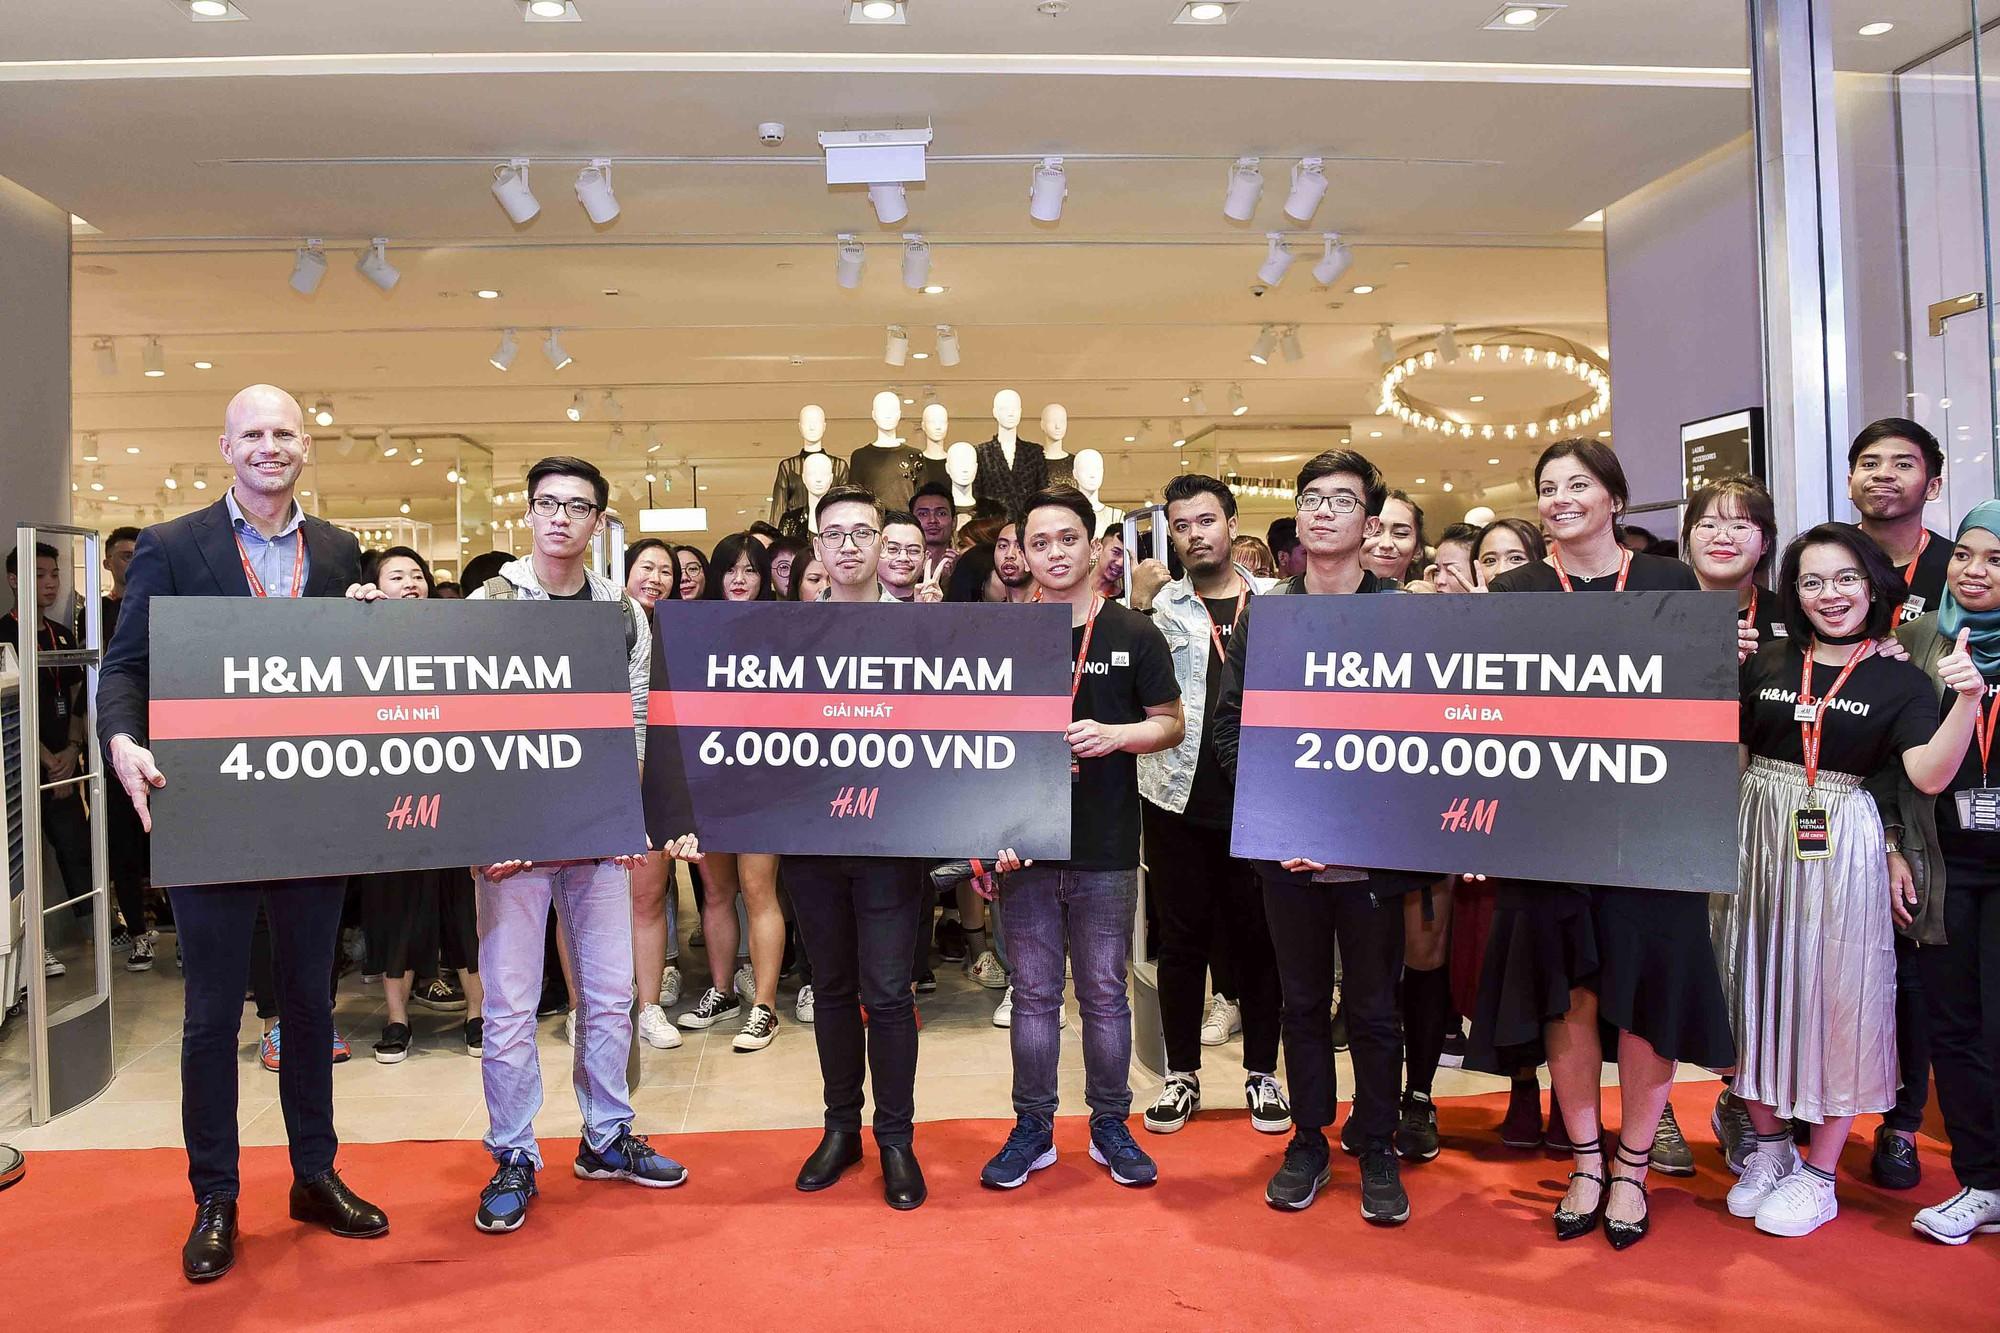 Ngồi lì trước store H&M Hà Nội từ 10h tối hôm trước, cô gái này vẫn lỡ mất tiền triệu vào tay người khác - Ảnh 11.